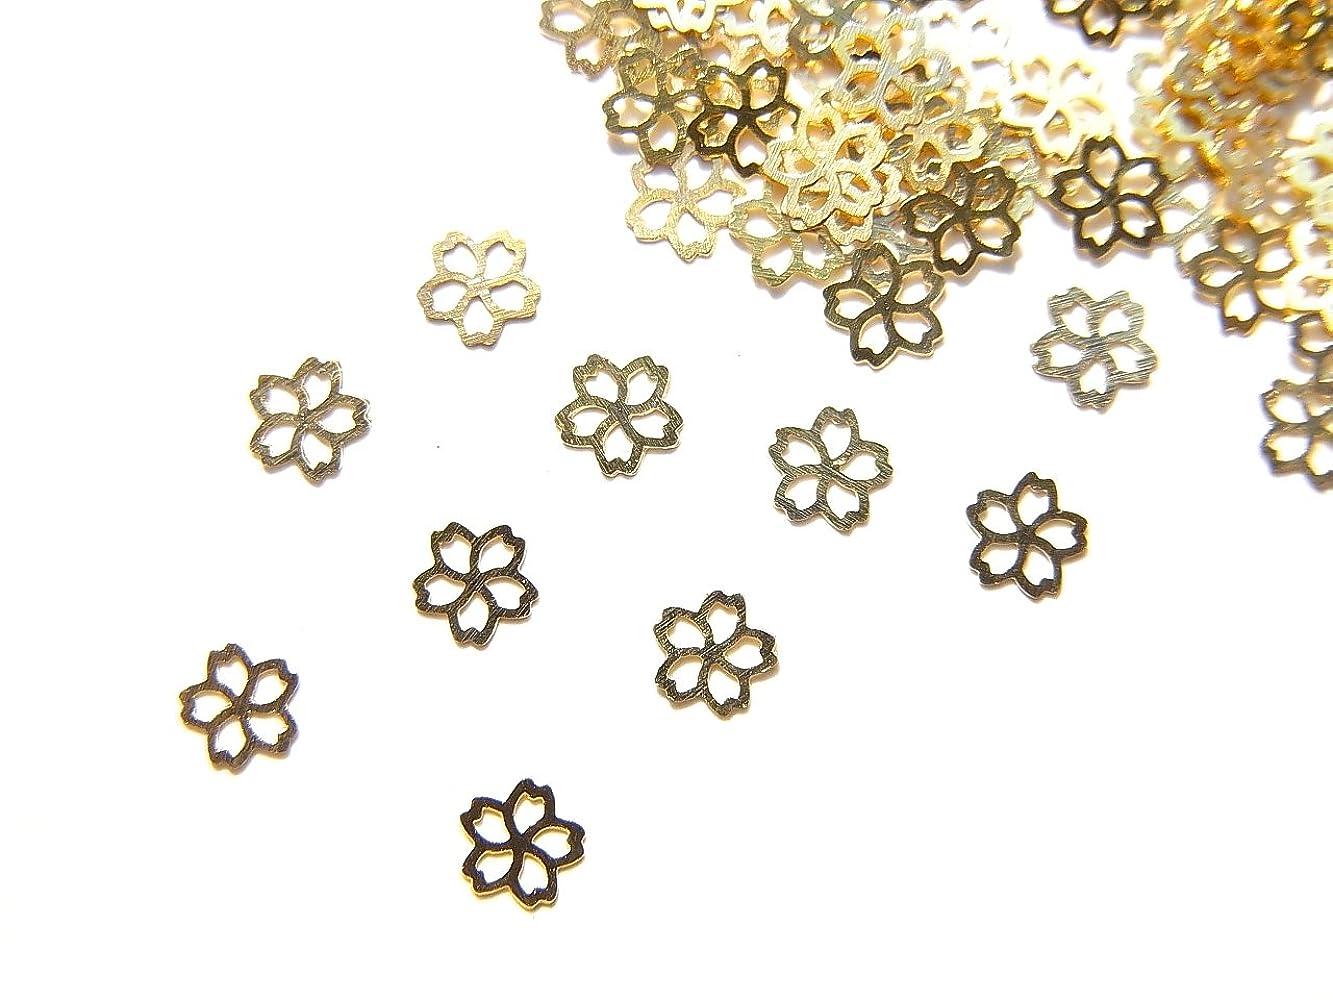 はい特権的尊敬【jewel】ug27 春ネイル 薄型ゴールド メタルパーツ Sサイズ 桜 サクラB 10個入り ネイルアートパーツ レジンパーツ